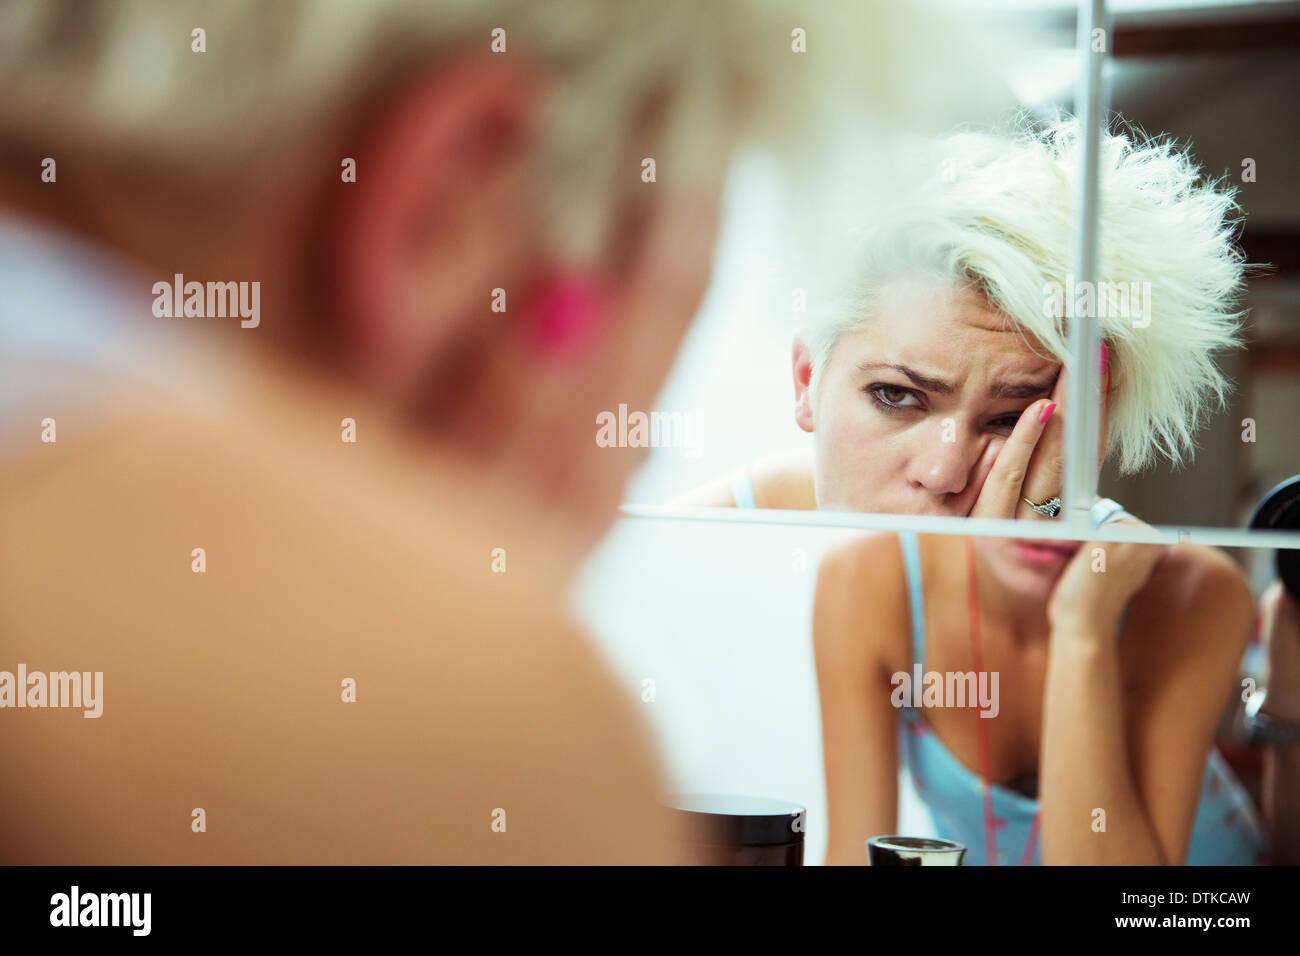 Verkatert Frau prüft sich selbst im Spiegel Stockbild